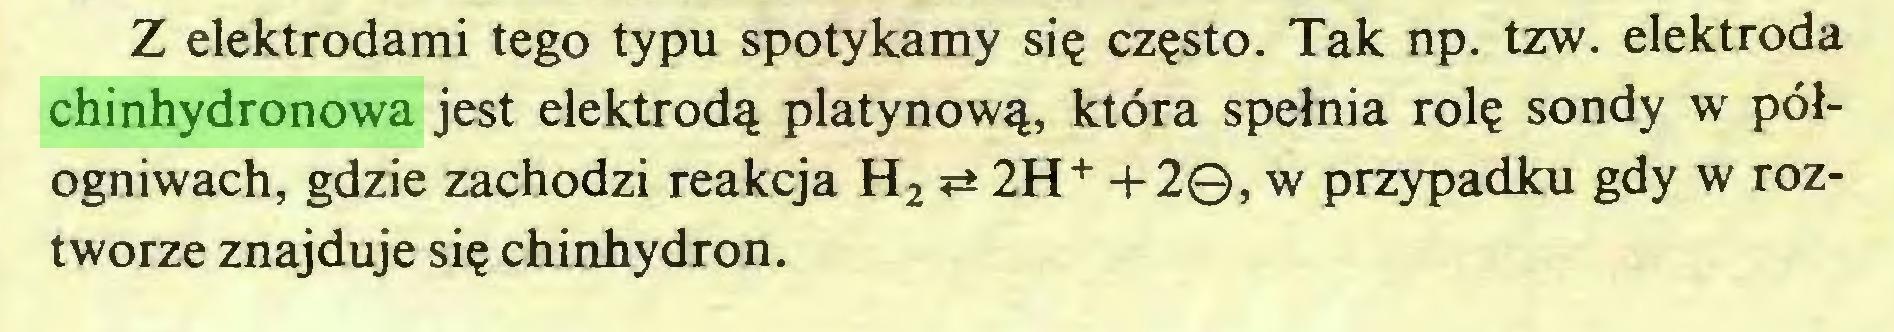 (...) Z elektrodami tego typu spotykamy się często. Tak np. tzw. elektroda chinhydronowa jest elektrodą platynową, która spełnia rolę sondy w półogniwach, gdzie zachodzi reakcja H2 ^ 2H+ +2©, w przypadku gdy w roztworze znajduje się chinhydron...